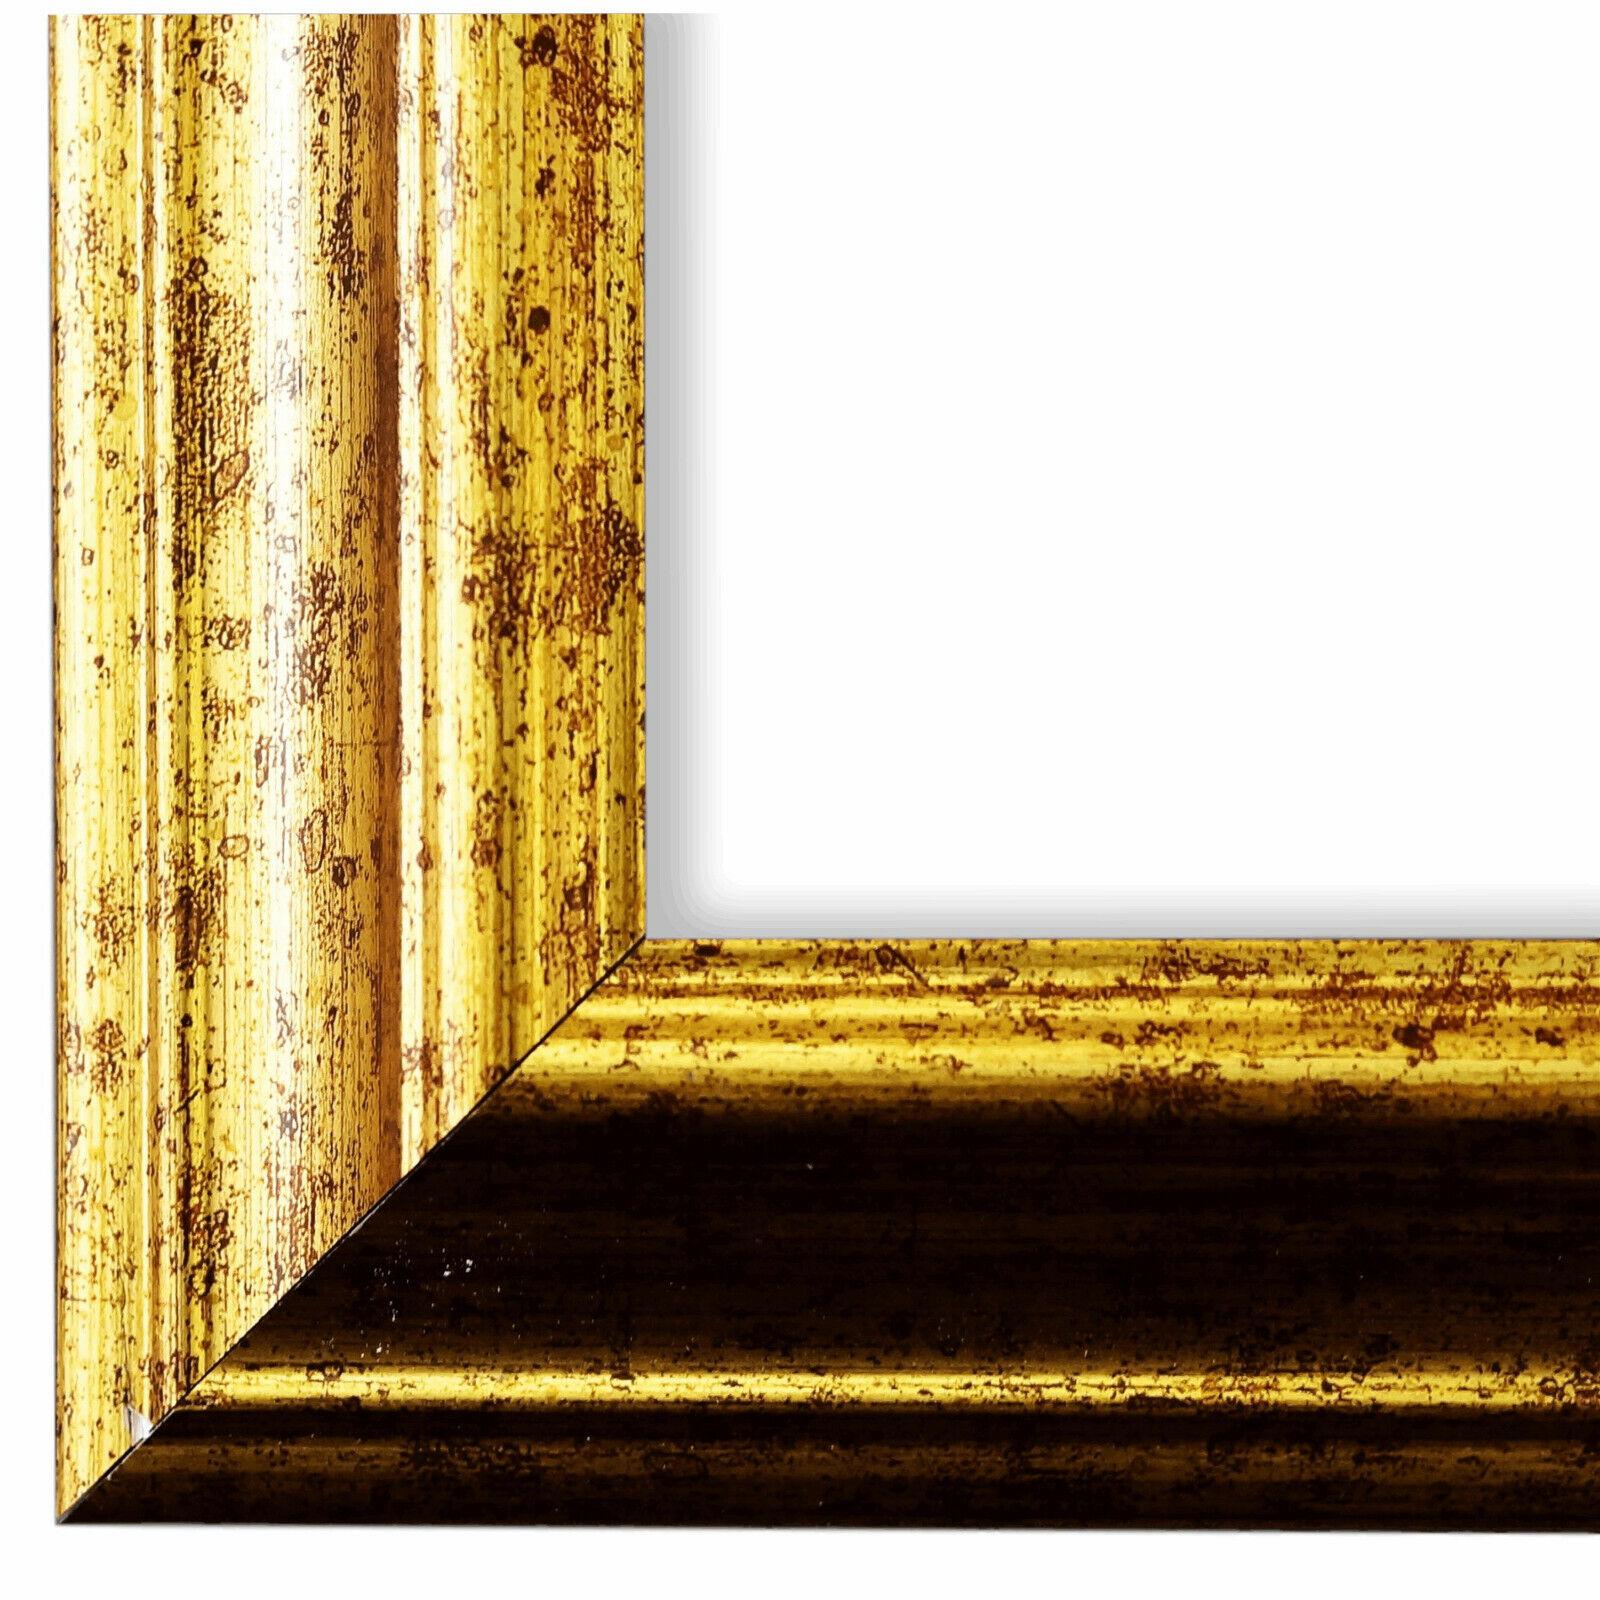 DIN A2 DIN A5 Bilderrahmen Gold Holz Bari 4,4 DIN A3 DIN A4